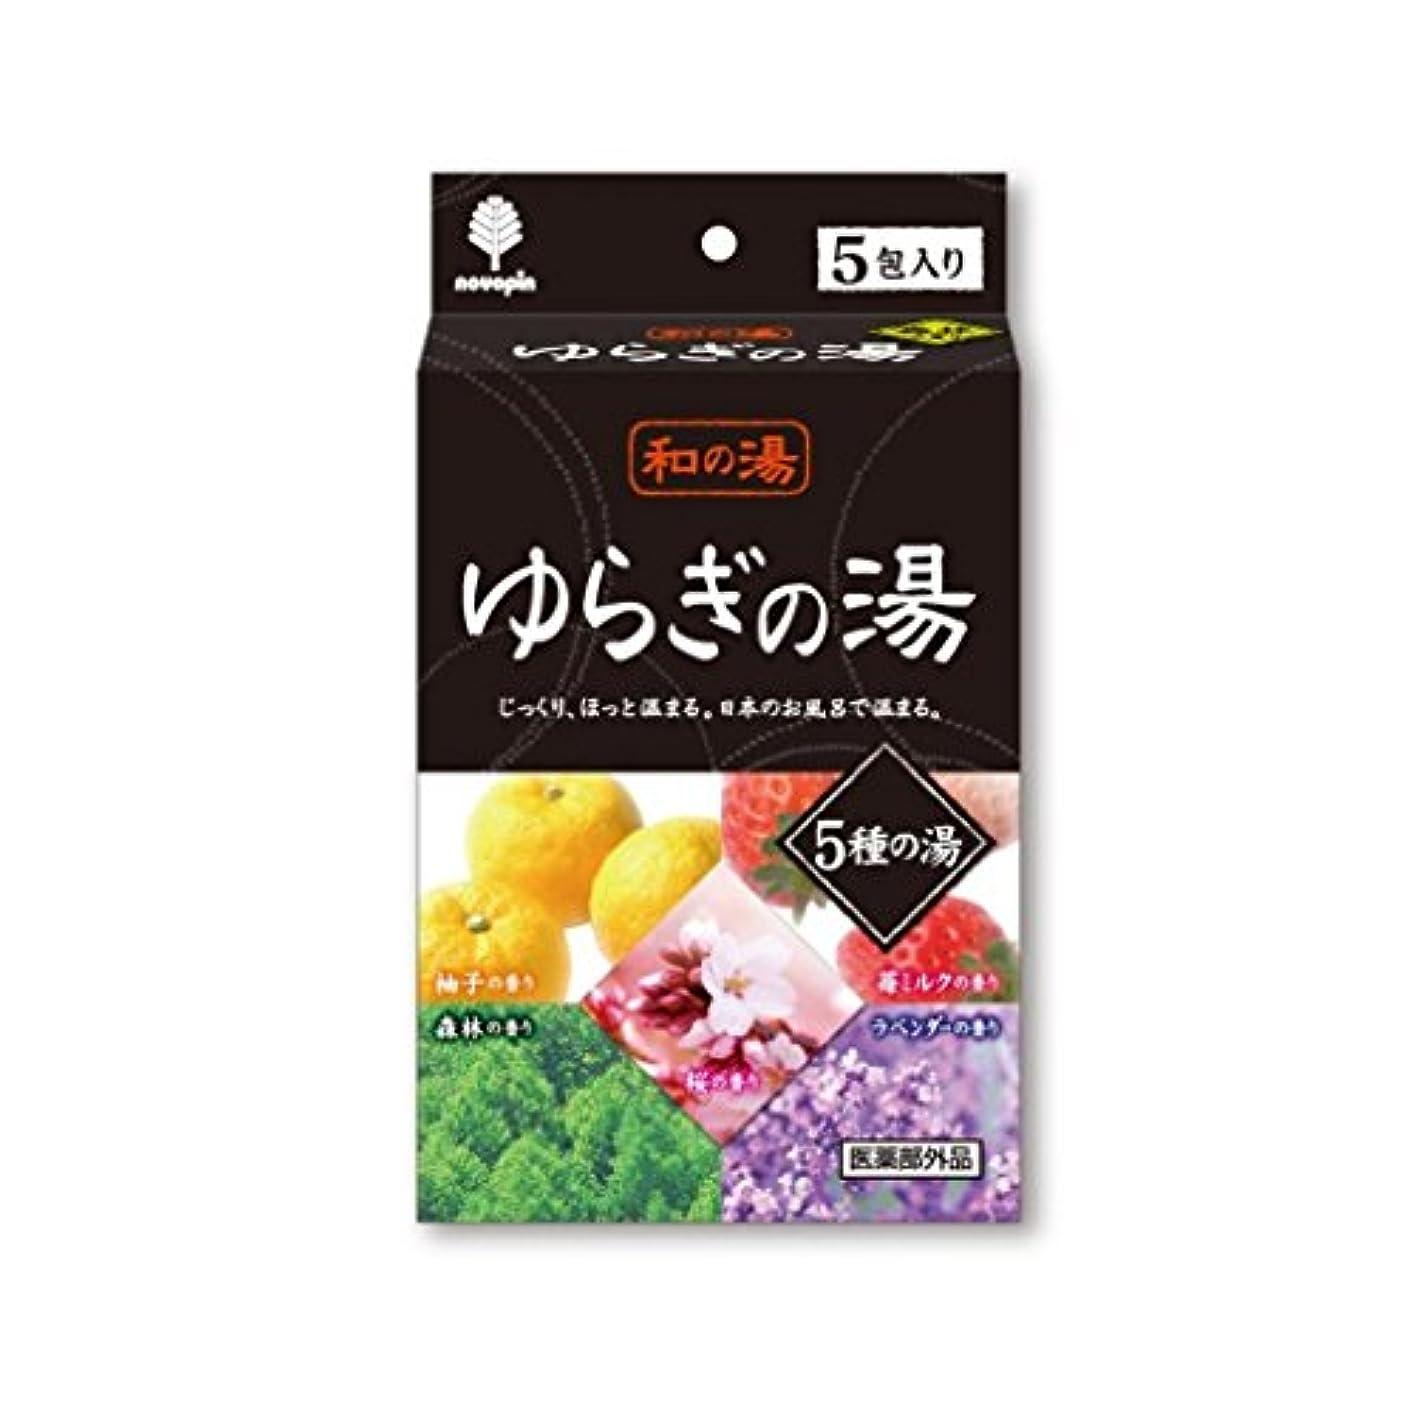 頻繁に媒染剤廃止紀陽除虫菊 日本製 Japan 和の湯 ゆらぎの湯 5種の湯 25g×5包入 【まとめ買い10個セット】